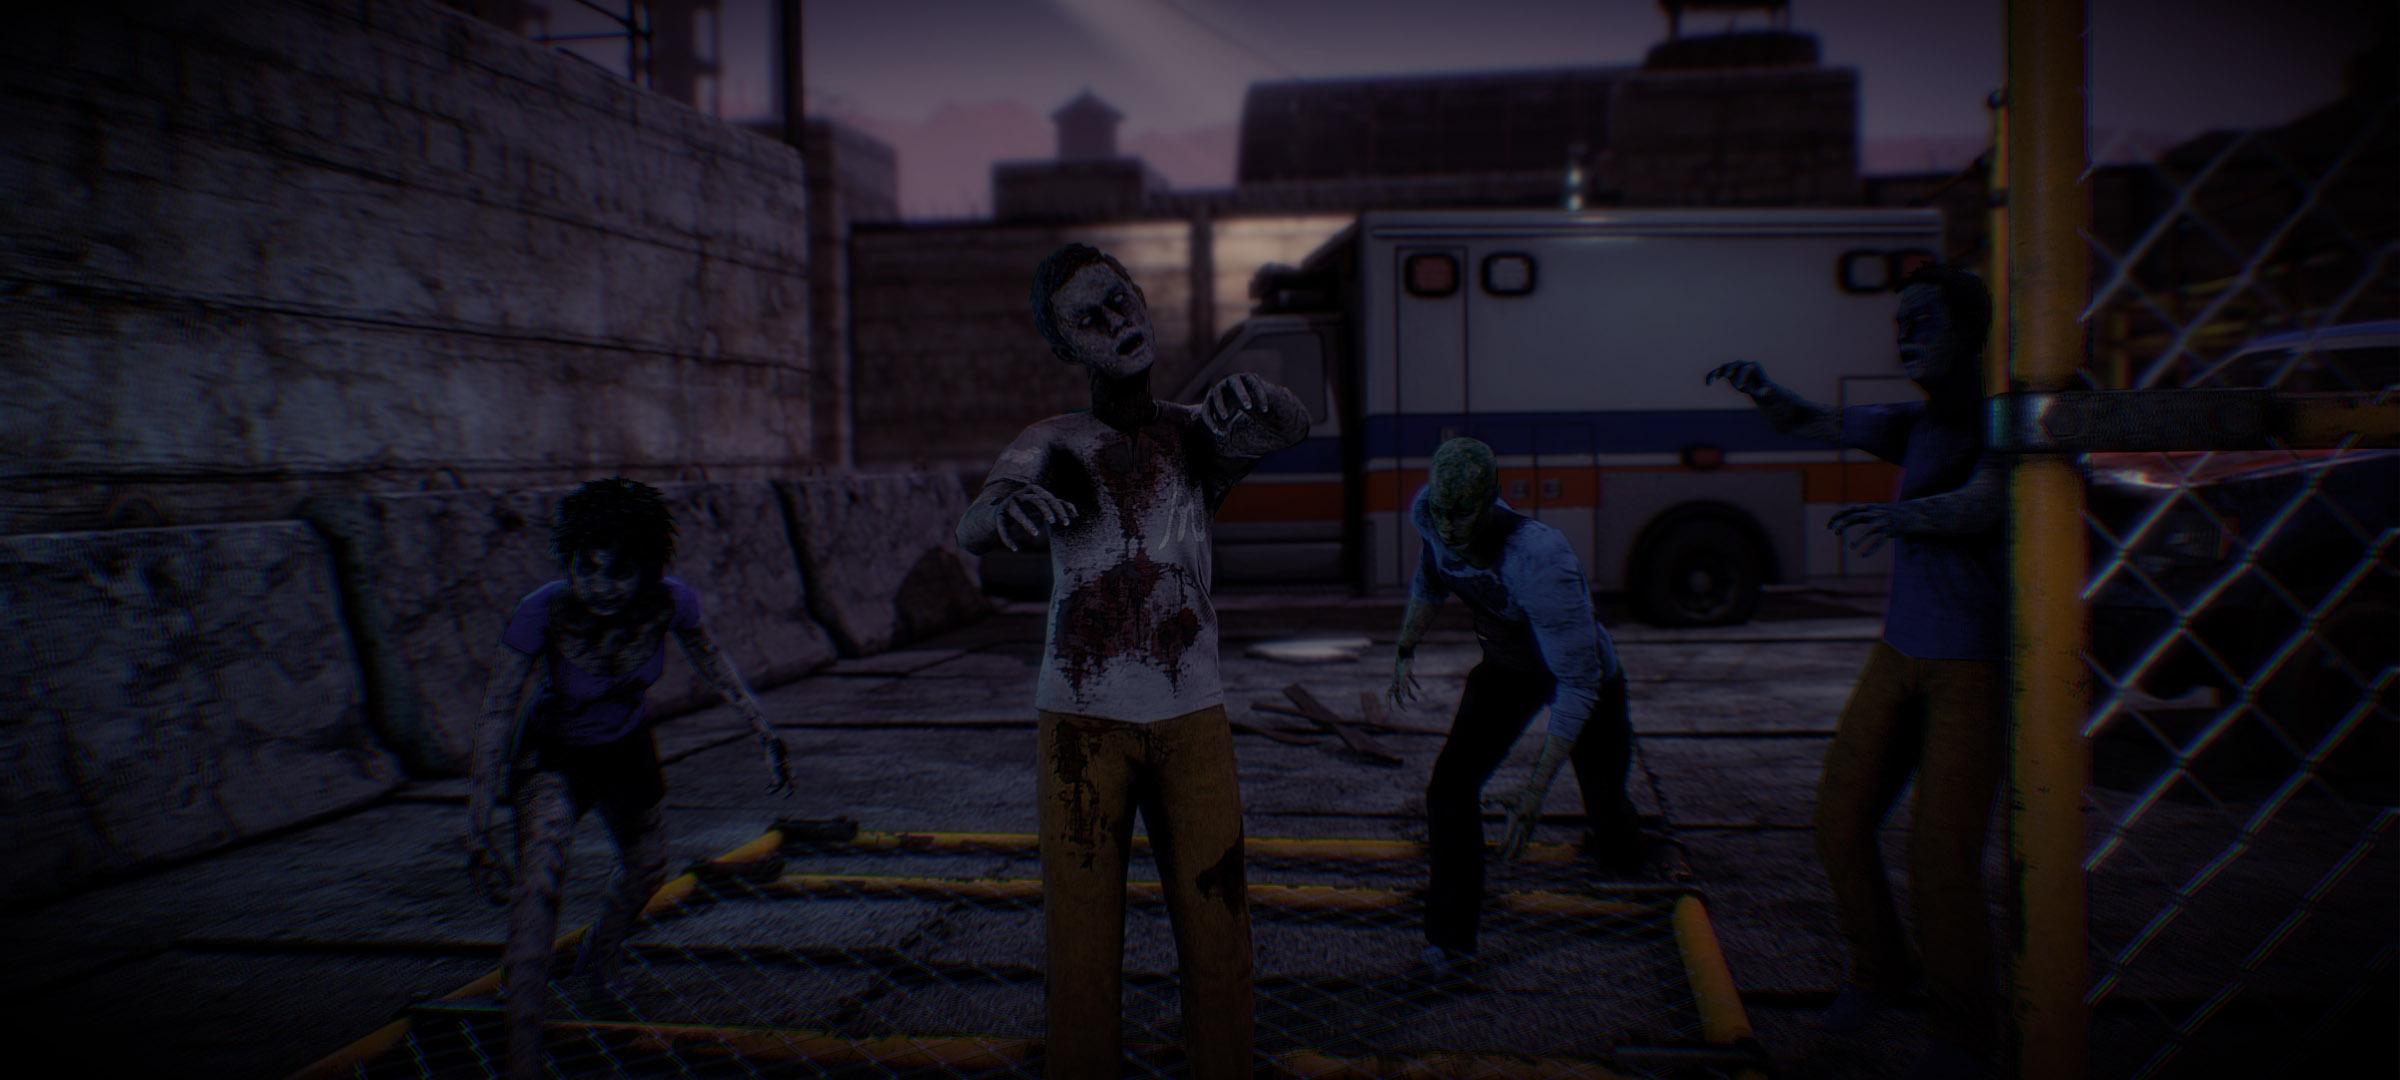 arizona sunshine, tombée de la nuit, trois zombies avançant